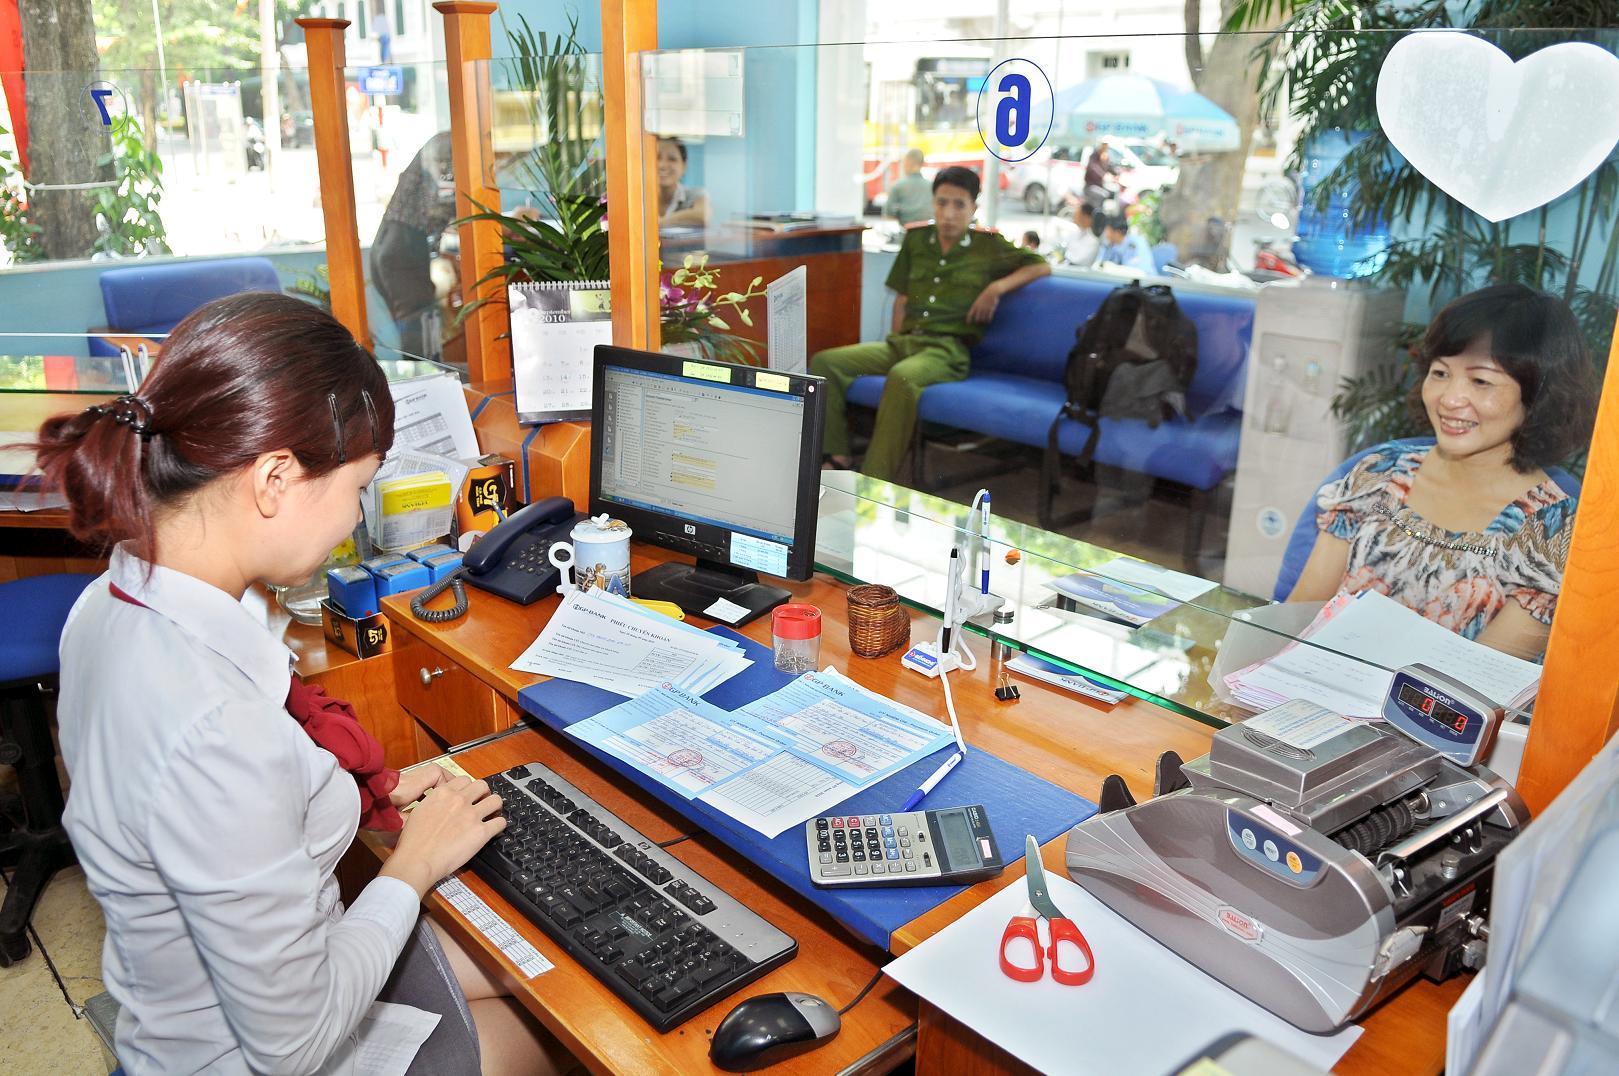 Vĩnh Phúc: Ngành ngân hàng thực hiện các giải pháp kiềm chế nợ xấu